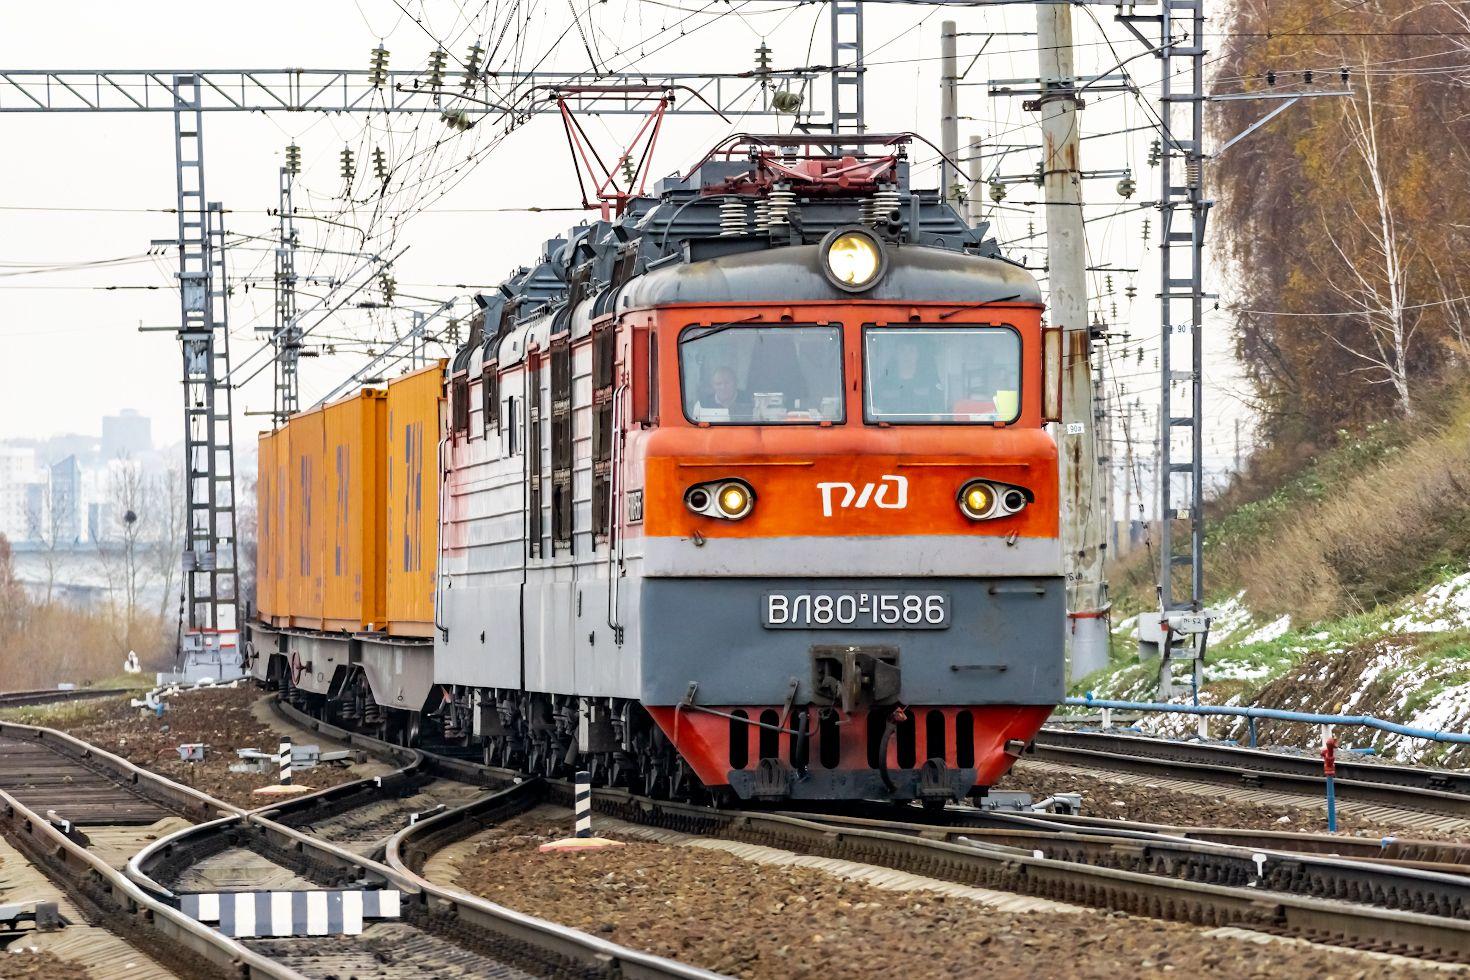 ВЛ80Р-1586 railway железная дорога locomotive локомотив электровоз поезд train Russia Siberia Irkutsk Россия Сибирь Иркутск споттинг spotting